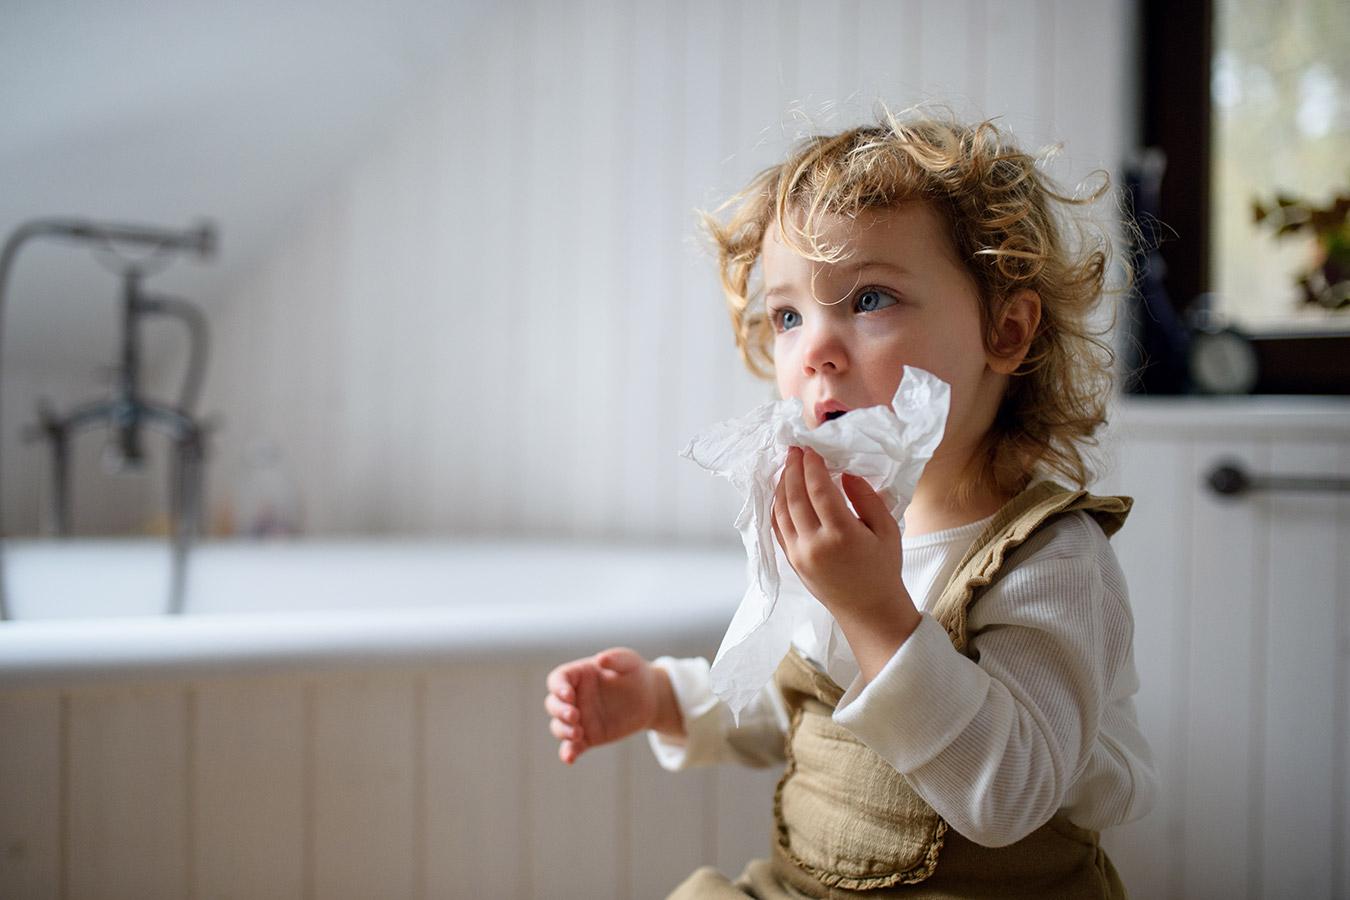 Wymioty u dziecka – Dlaczego dziecko wymiotuje? Sposoby na wymiotowanie.